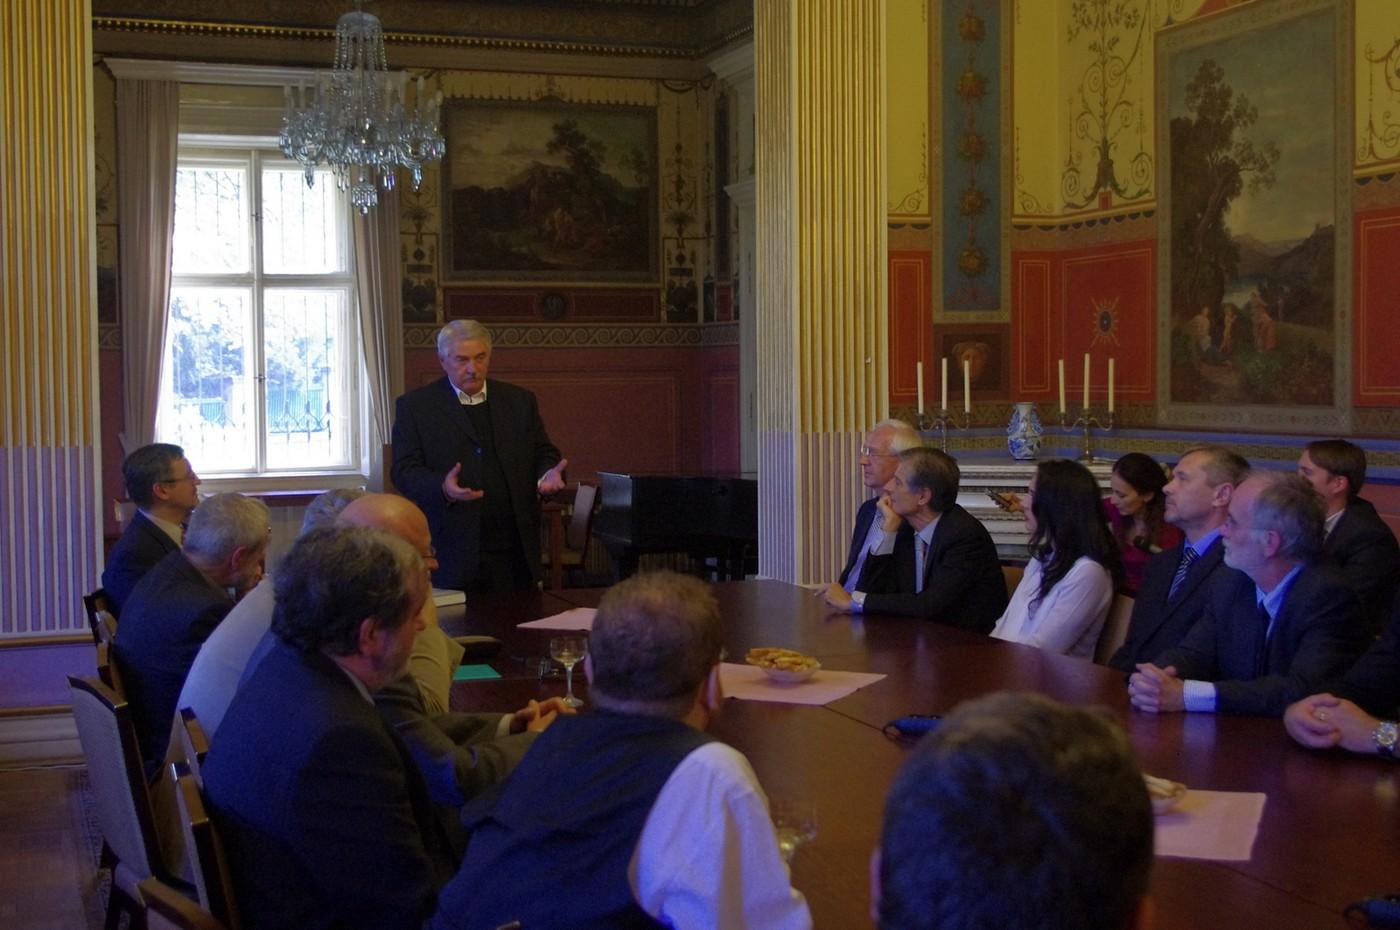 Dušan Kováč knihu představil 14. října ve slavnostních prostorách Lannovy vily, která patří české Akademii věd